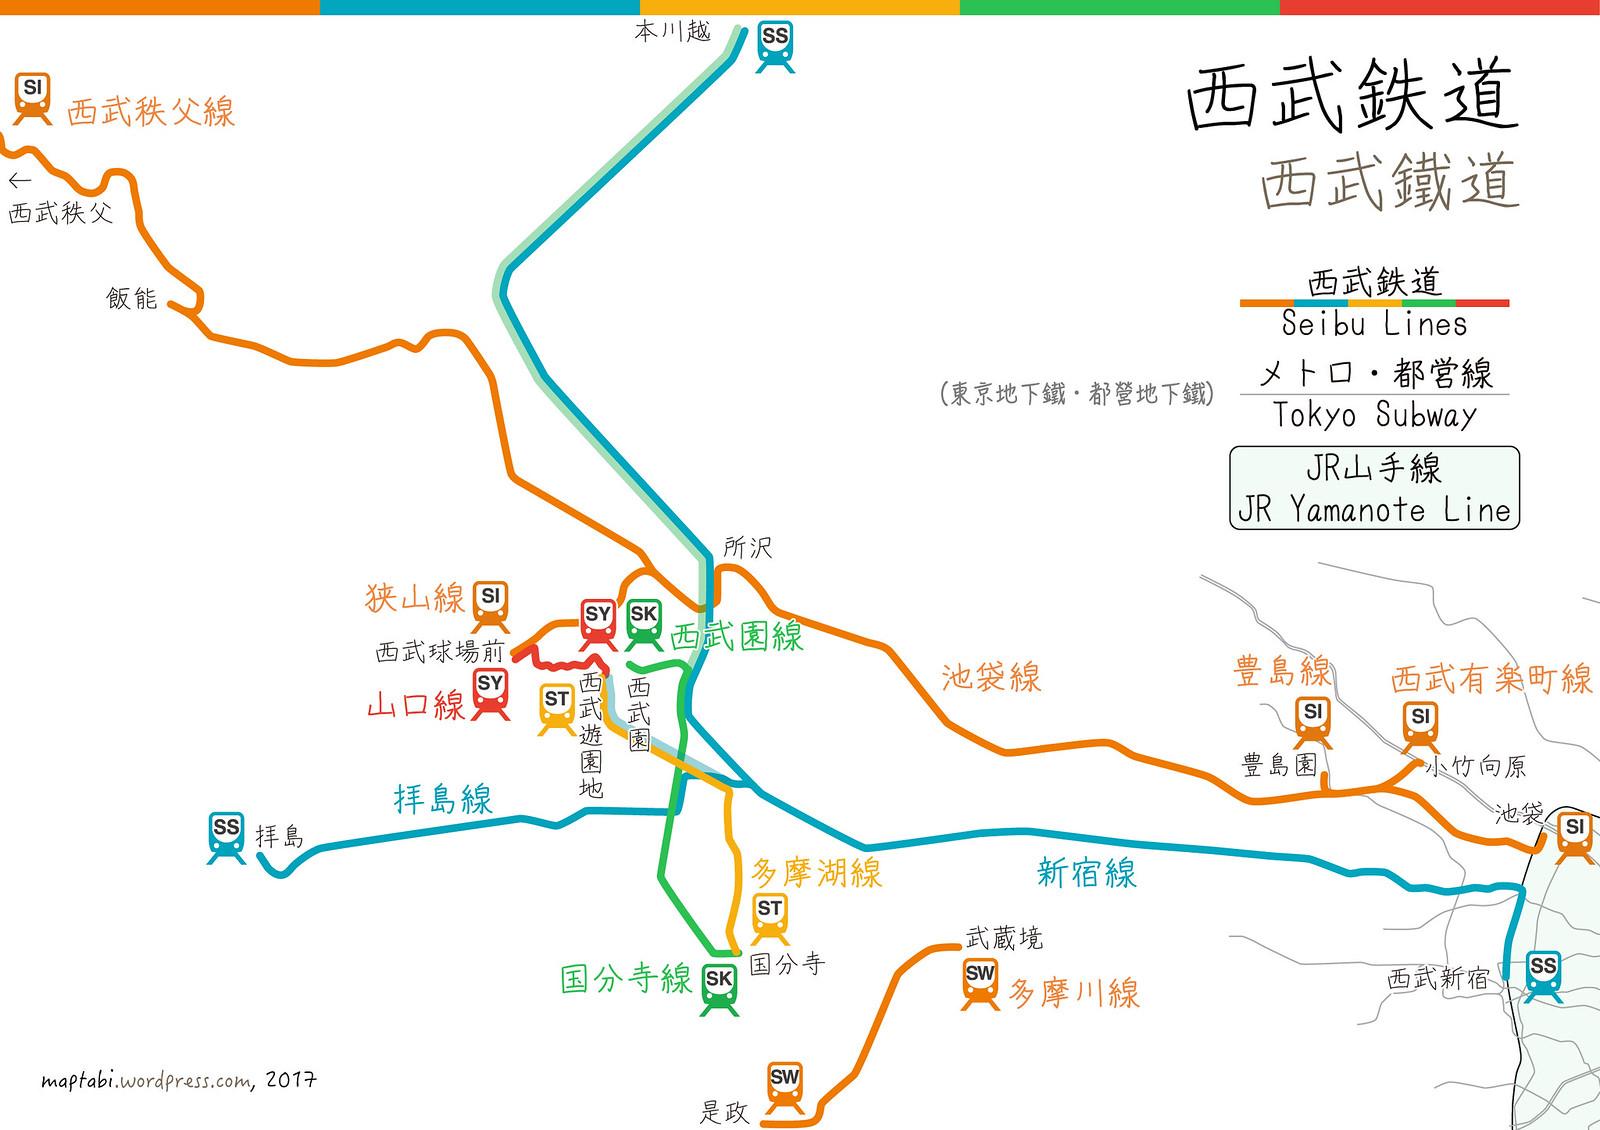 seibu-lines